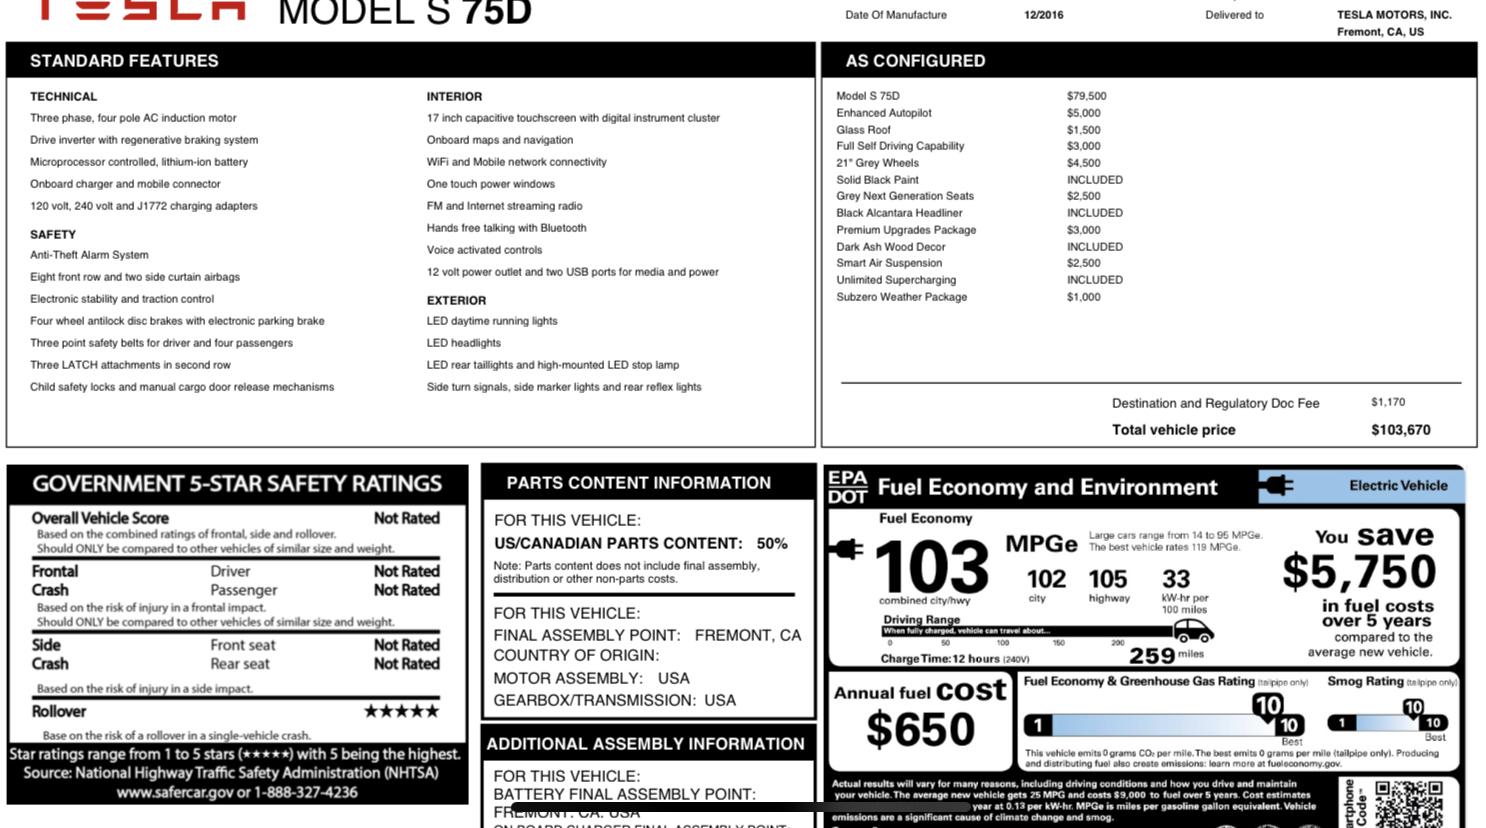 BAF68456-A426-4E40-9816-6958CB4DAA39.jpeg